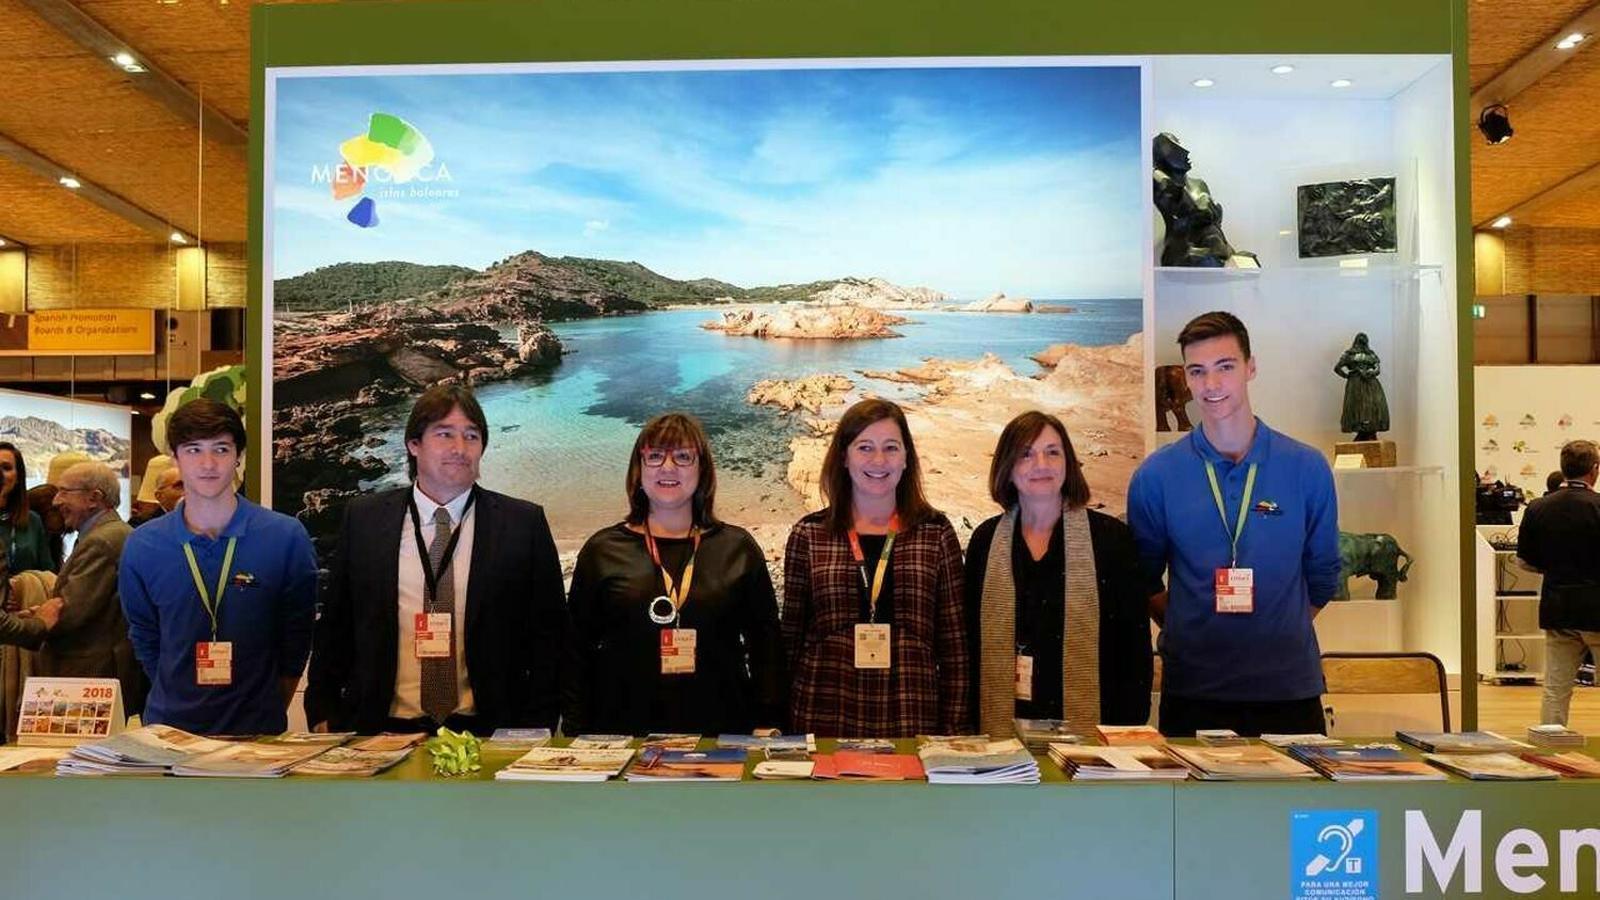 L'equip de govern d'Alaior (PP) vol diferenciar-se turísticament de la resta de municipis de Menorca.